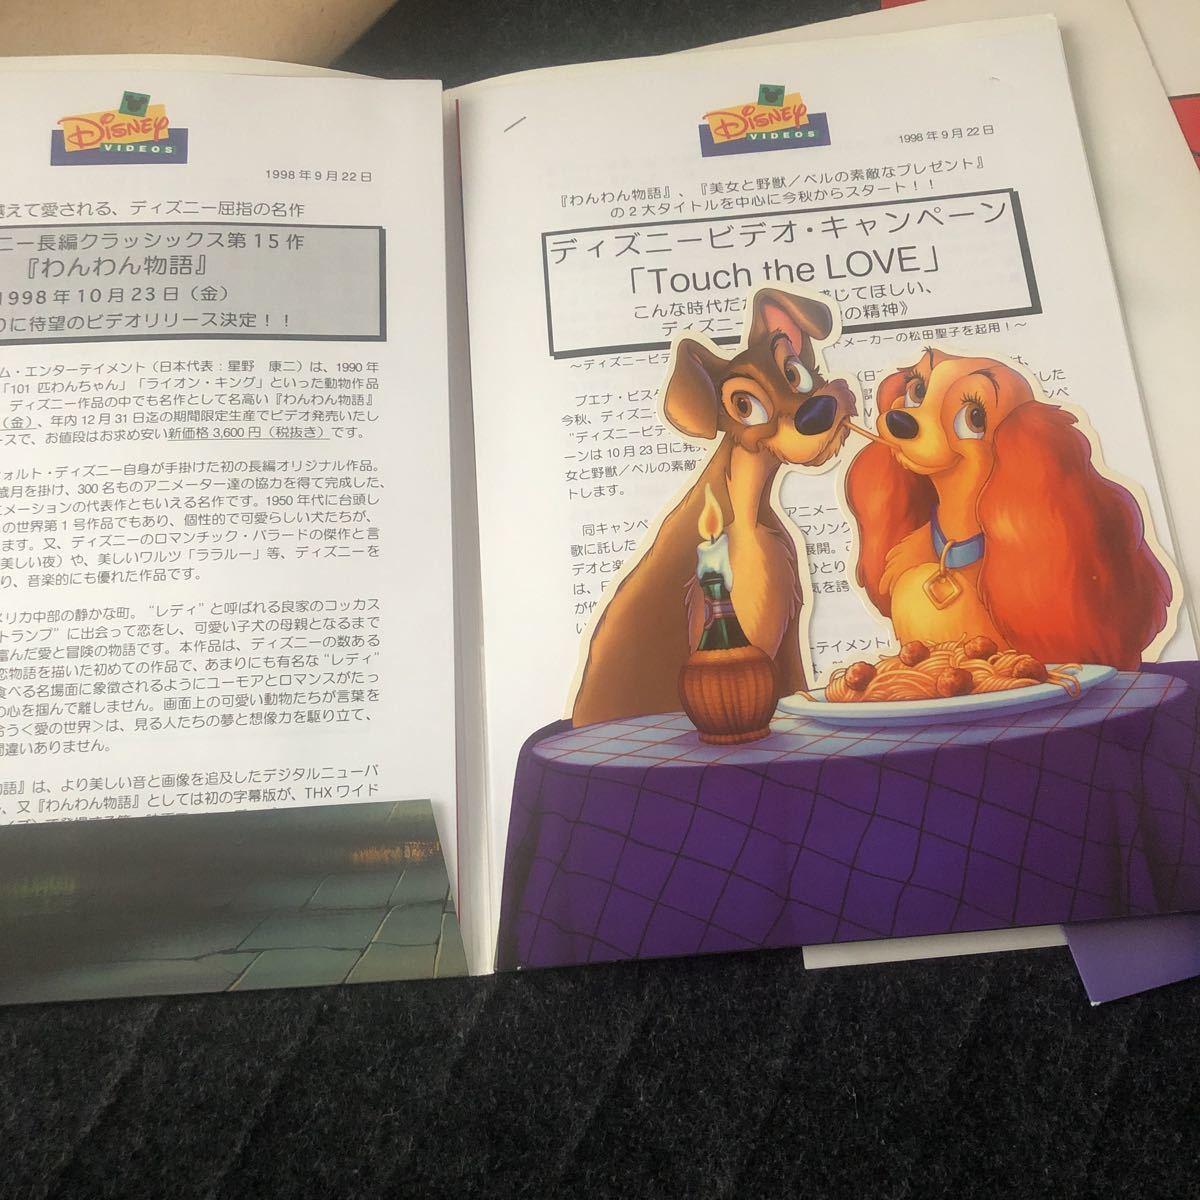 ディズニー ビデオ VHSプレスシート類(リトル・マーメイド、美女と野獣、ヘラクレス、わんわん物語、ミッキー&ミニー等)_画像6